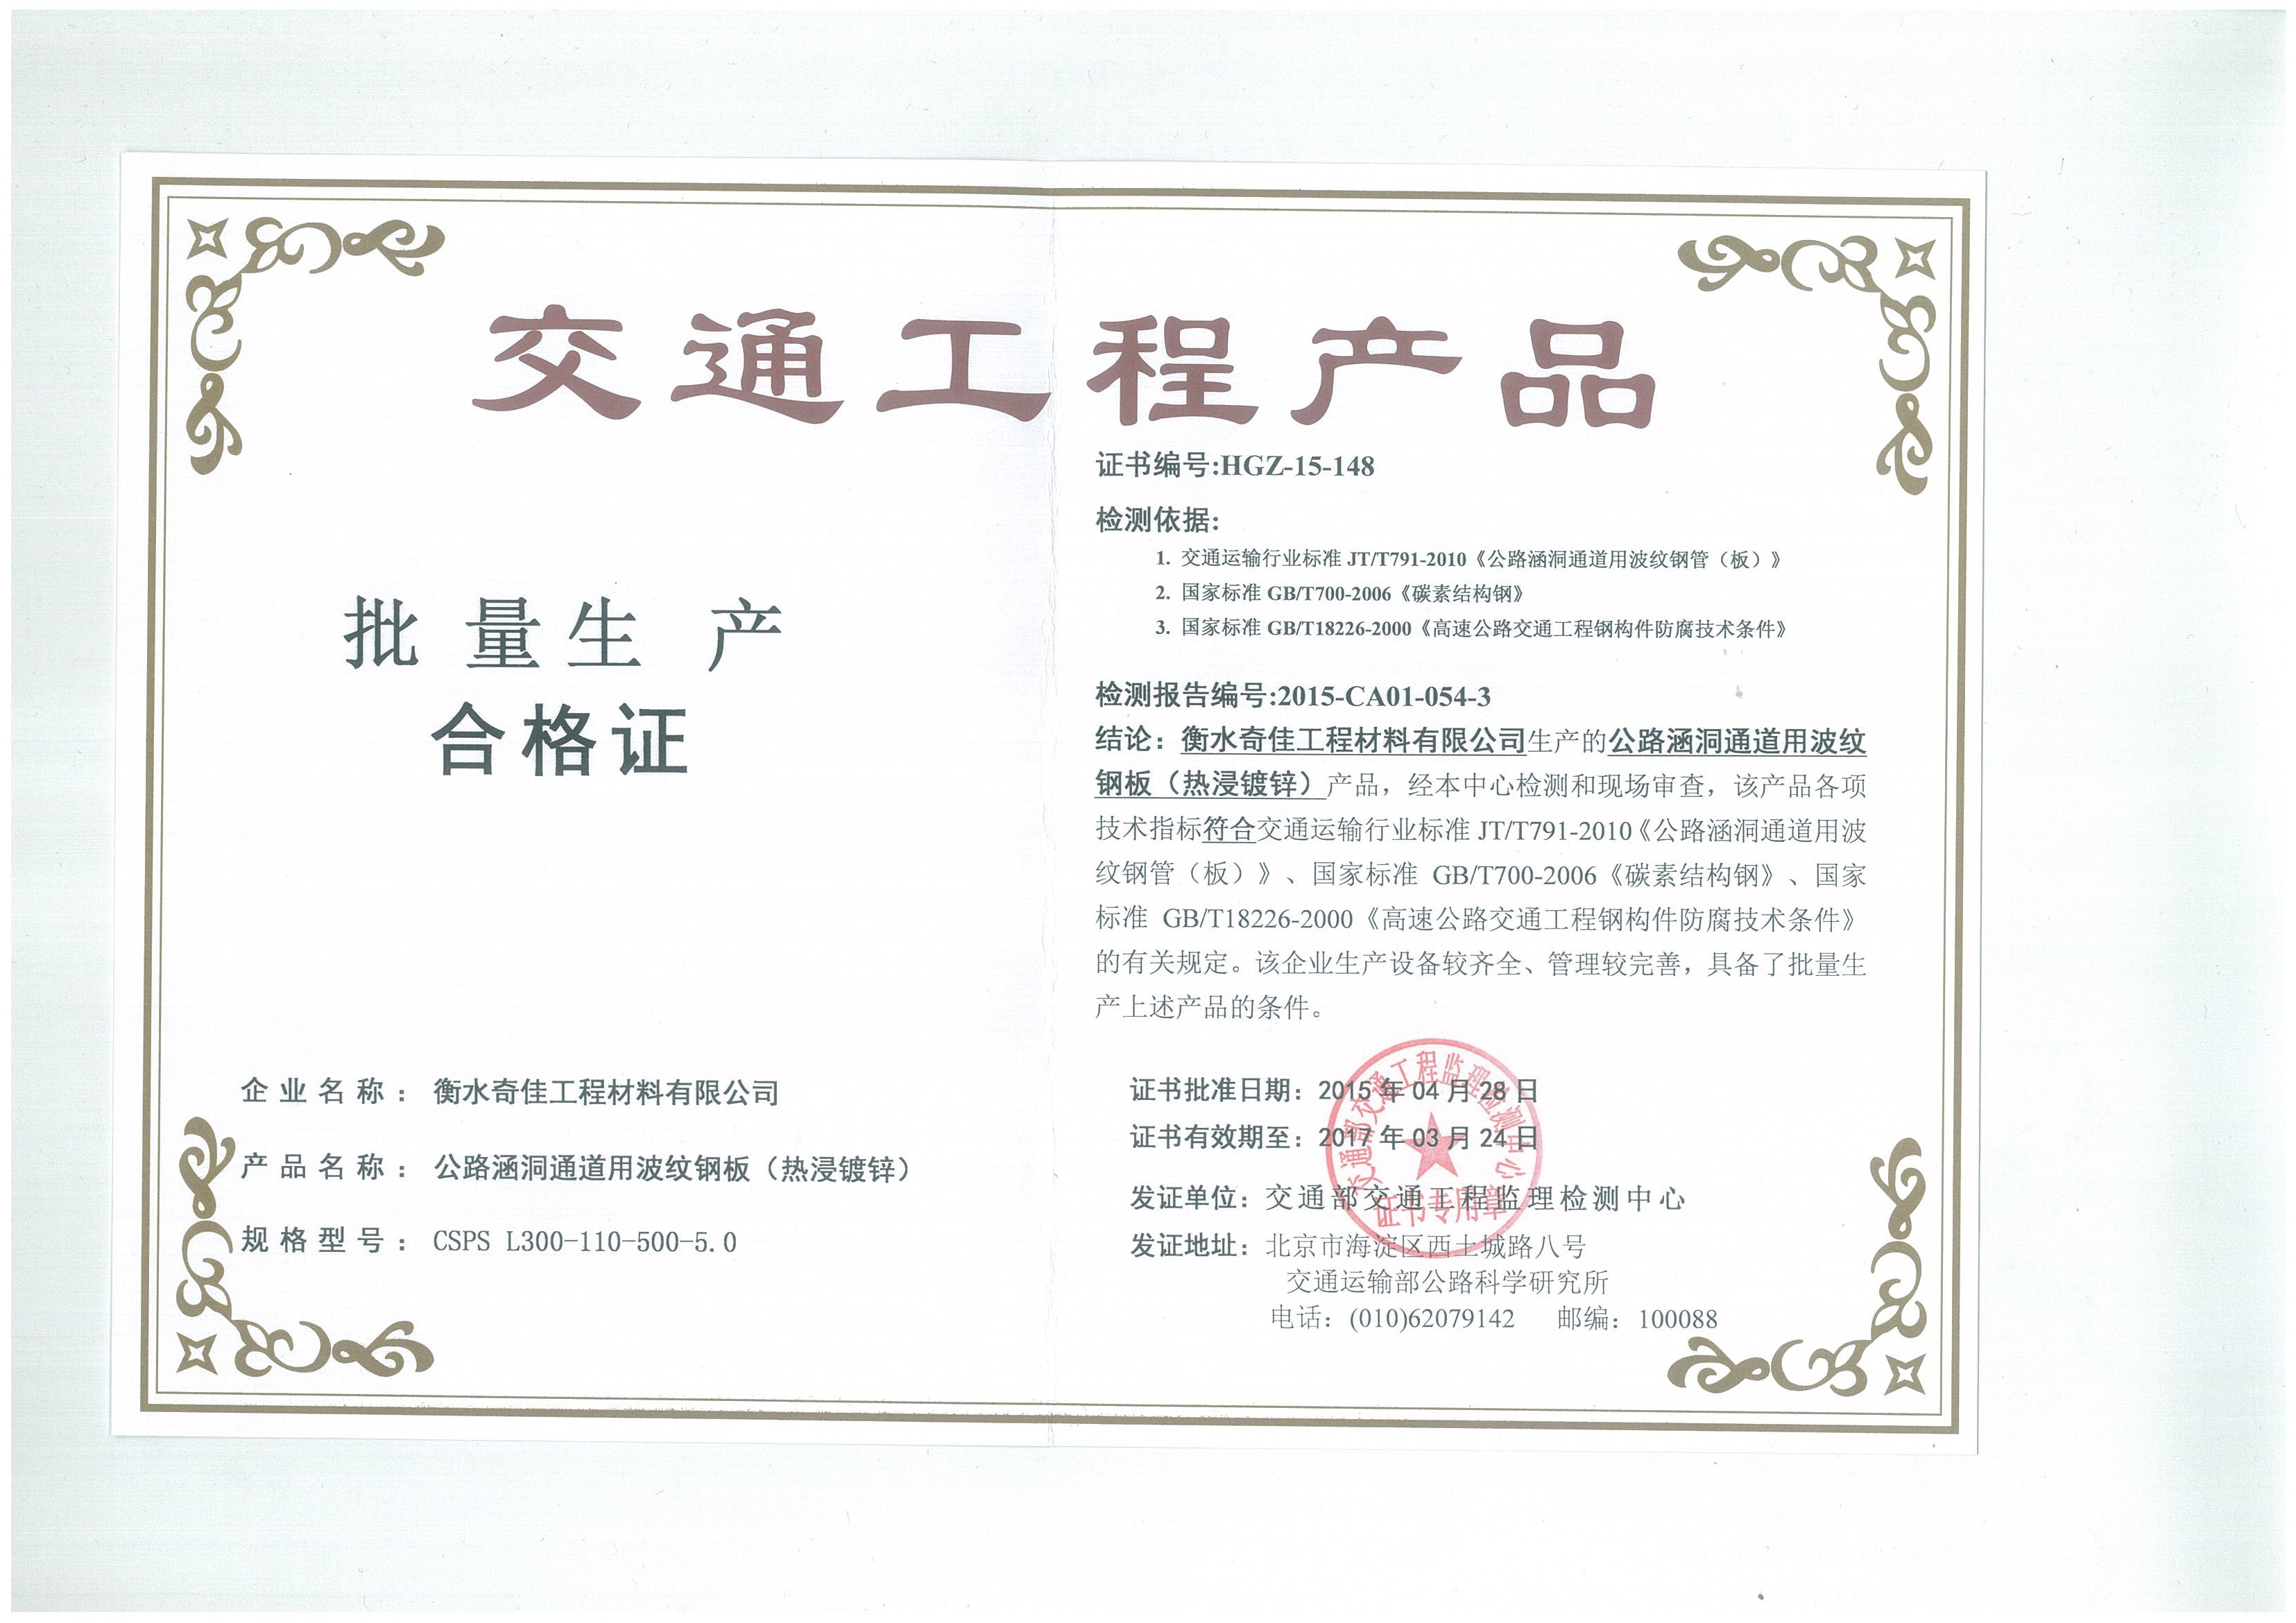 交通工程产品批量合格证